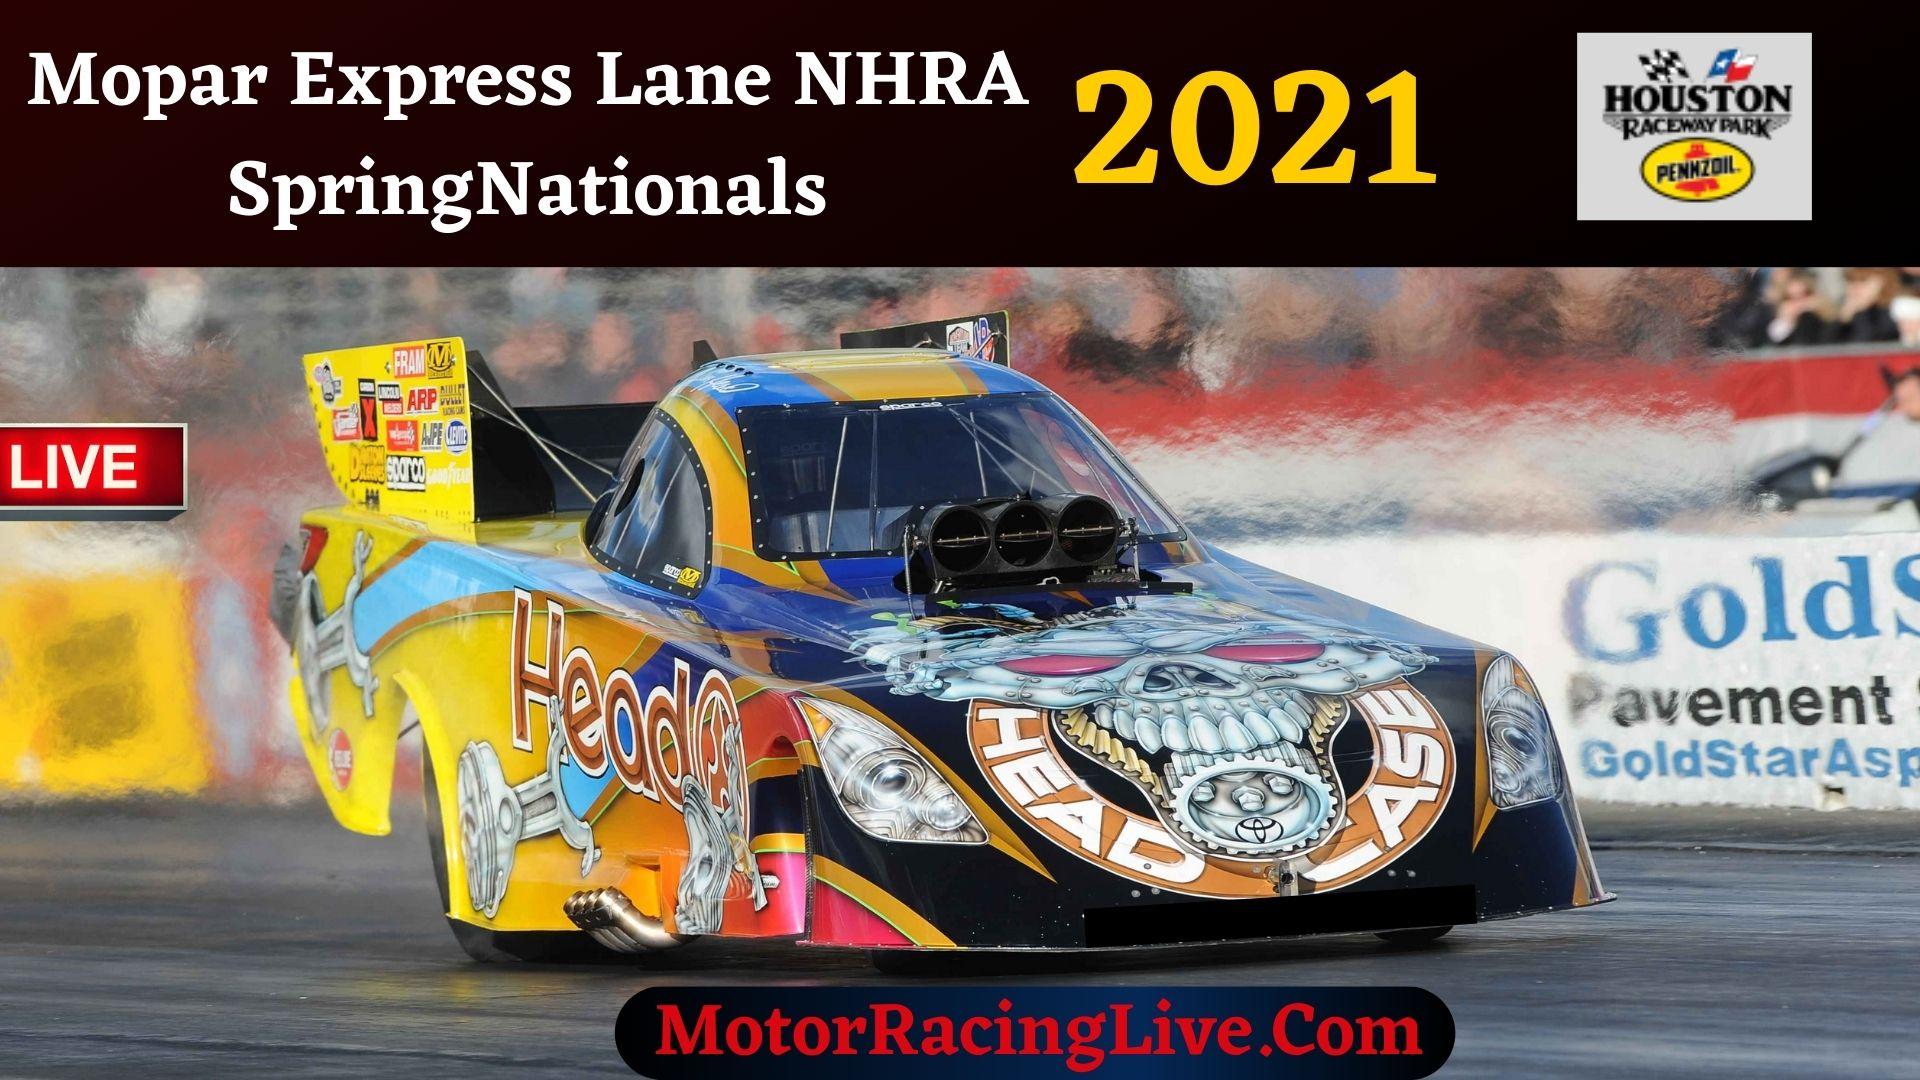 Mopar Express Lane NHRA SpringNationals 2021 Live Stream